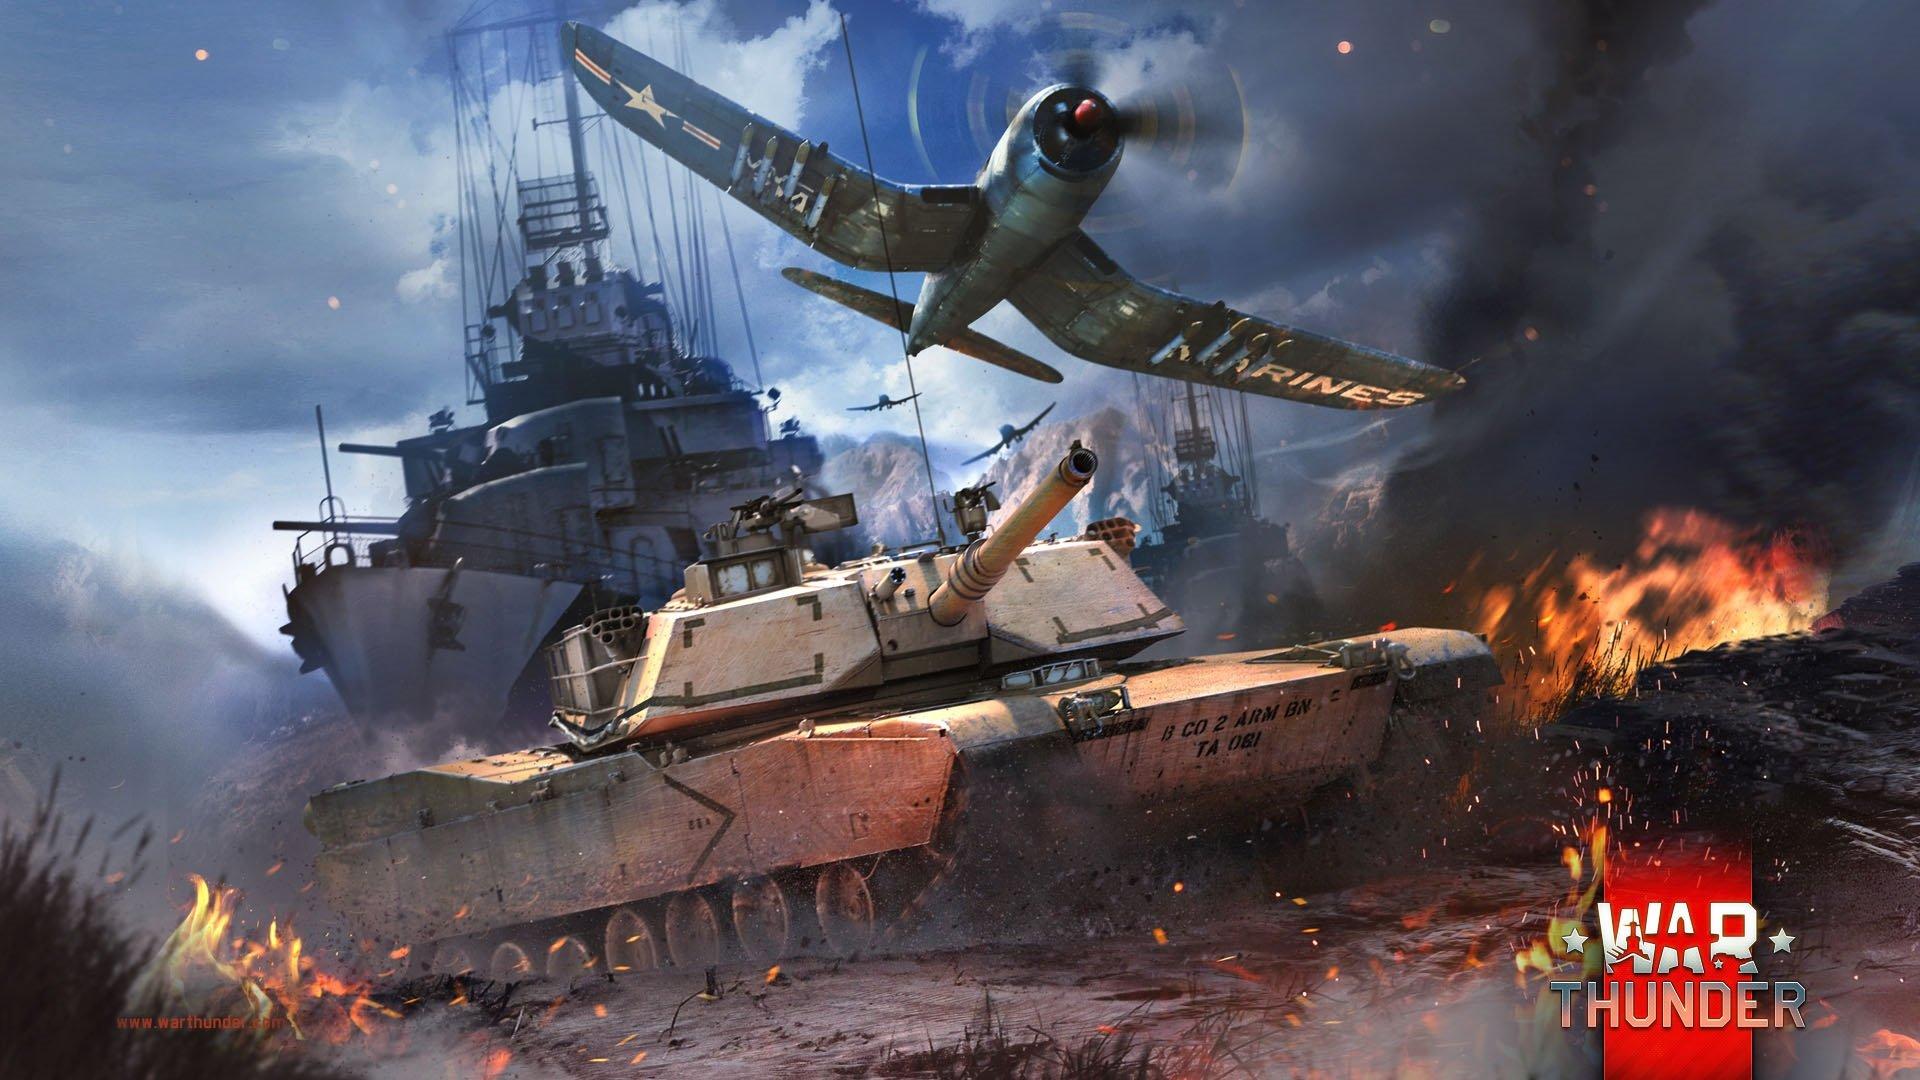 giveaway War Thunder Naval Battles closed beta migliori MMO gratis 2019 War Thunder